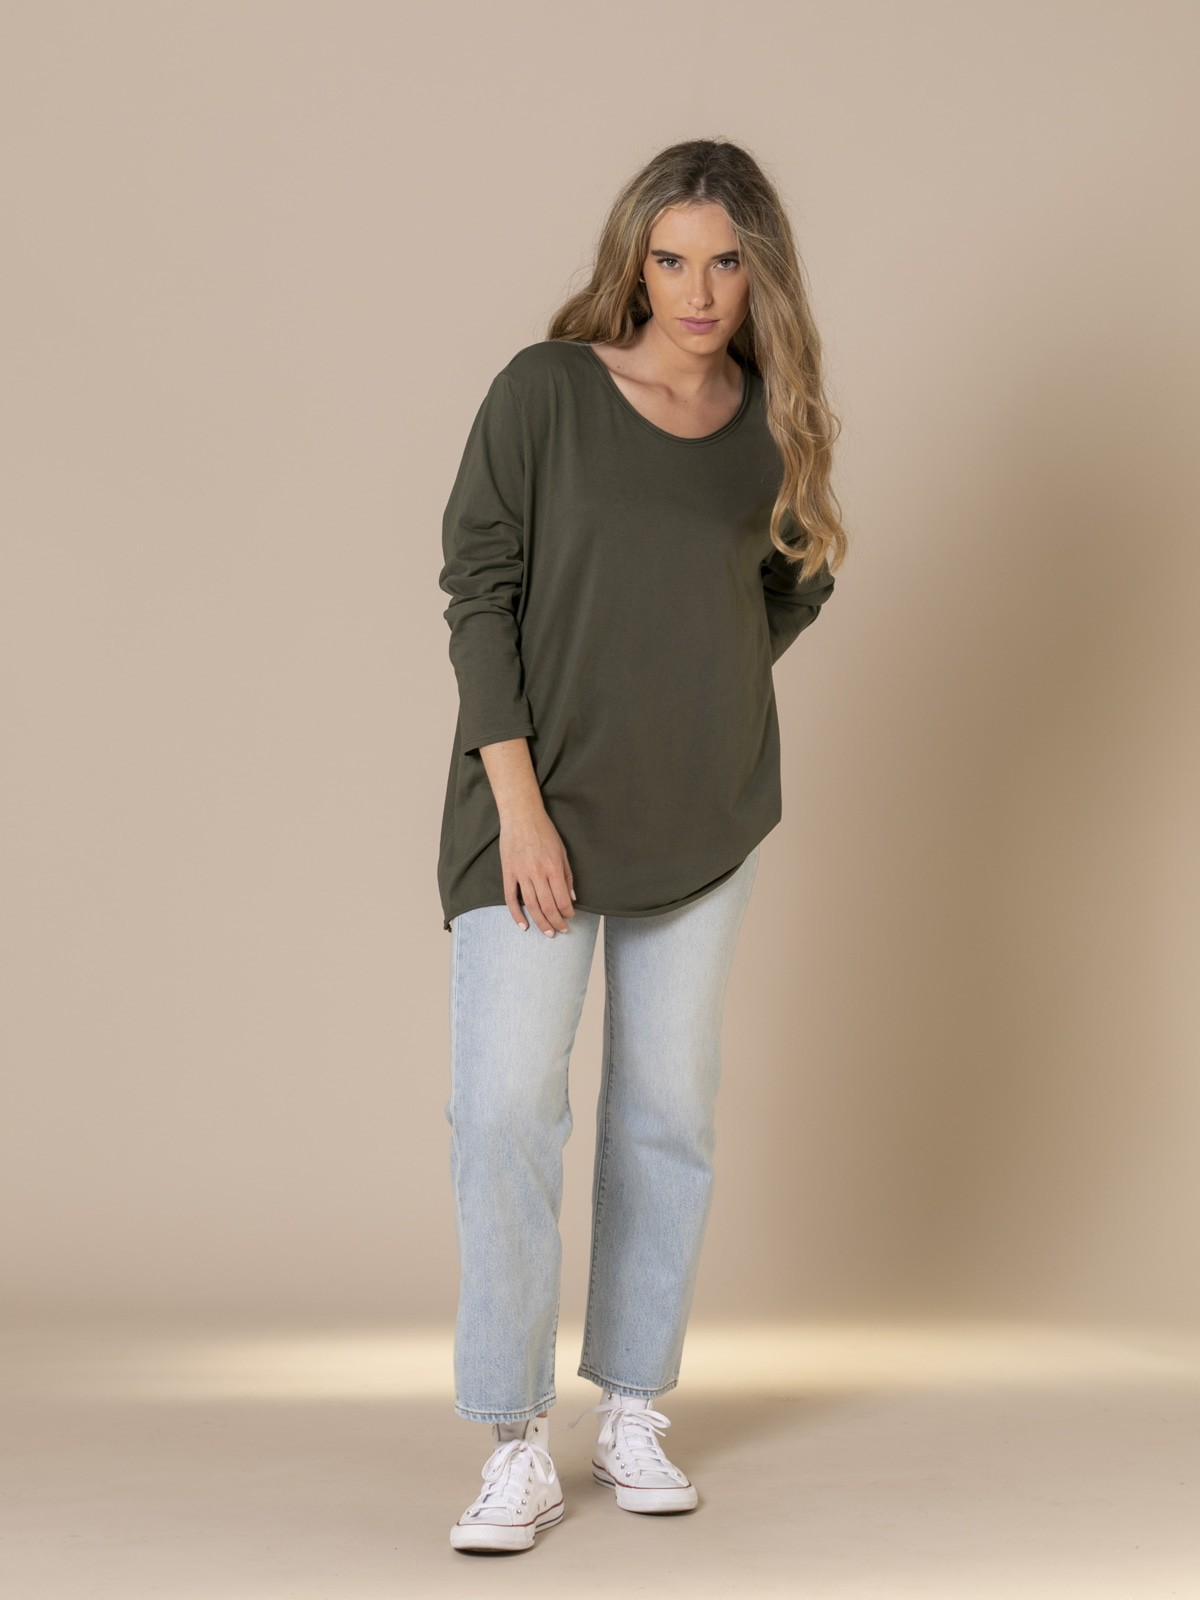 Camiseta larga mujer algodón 100% Caqui